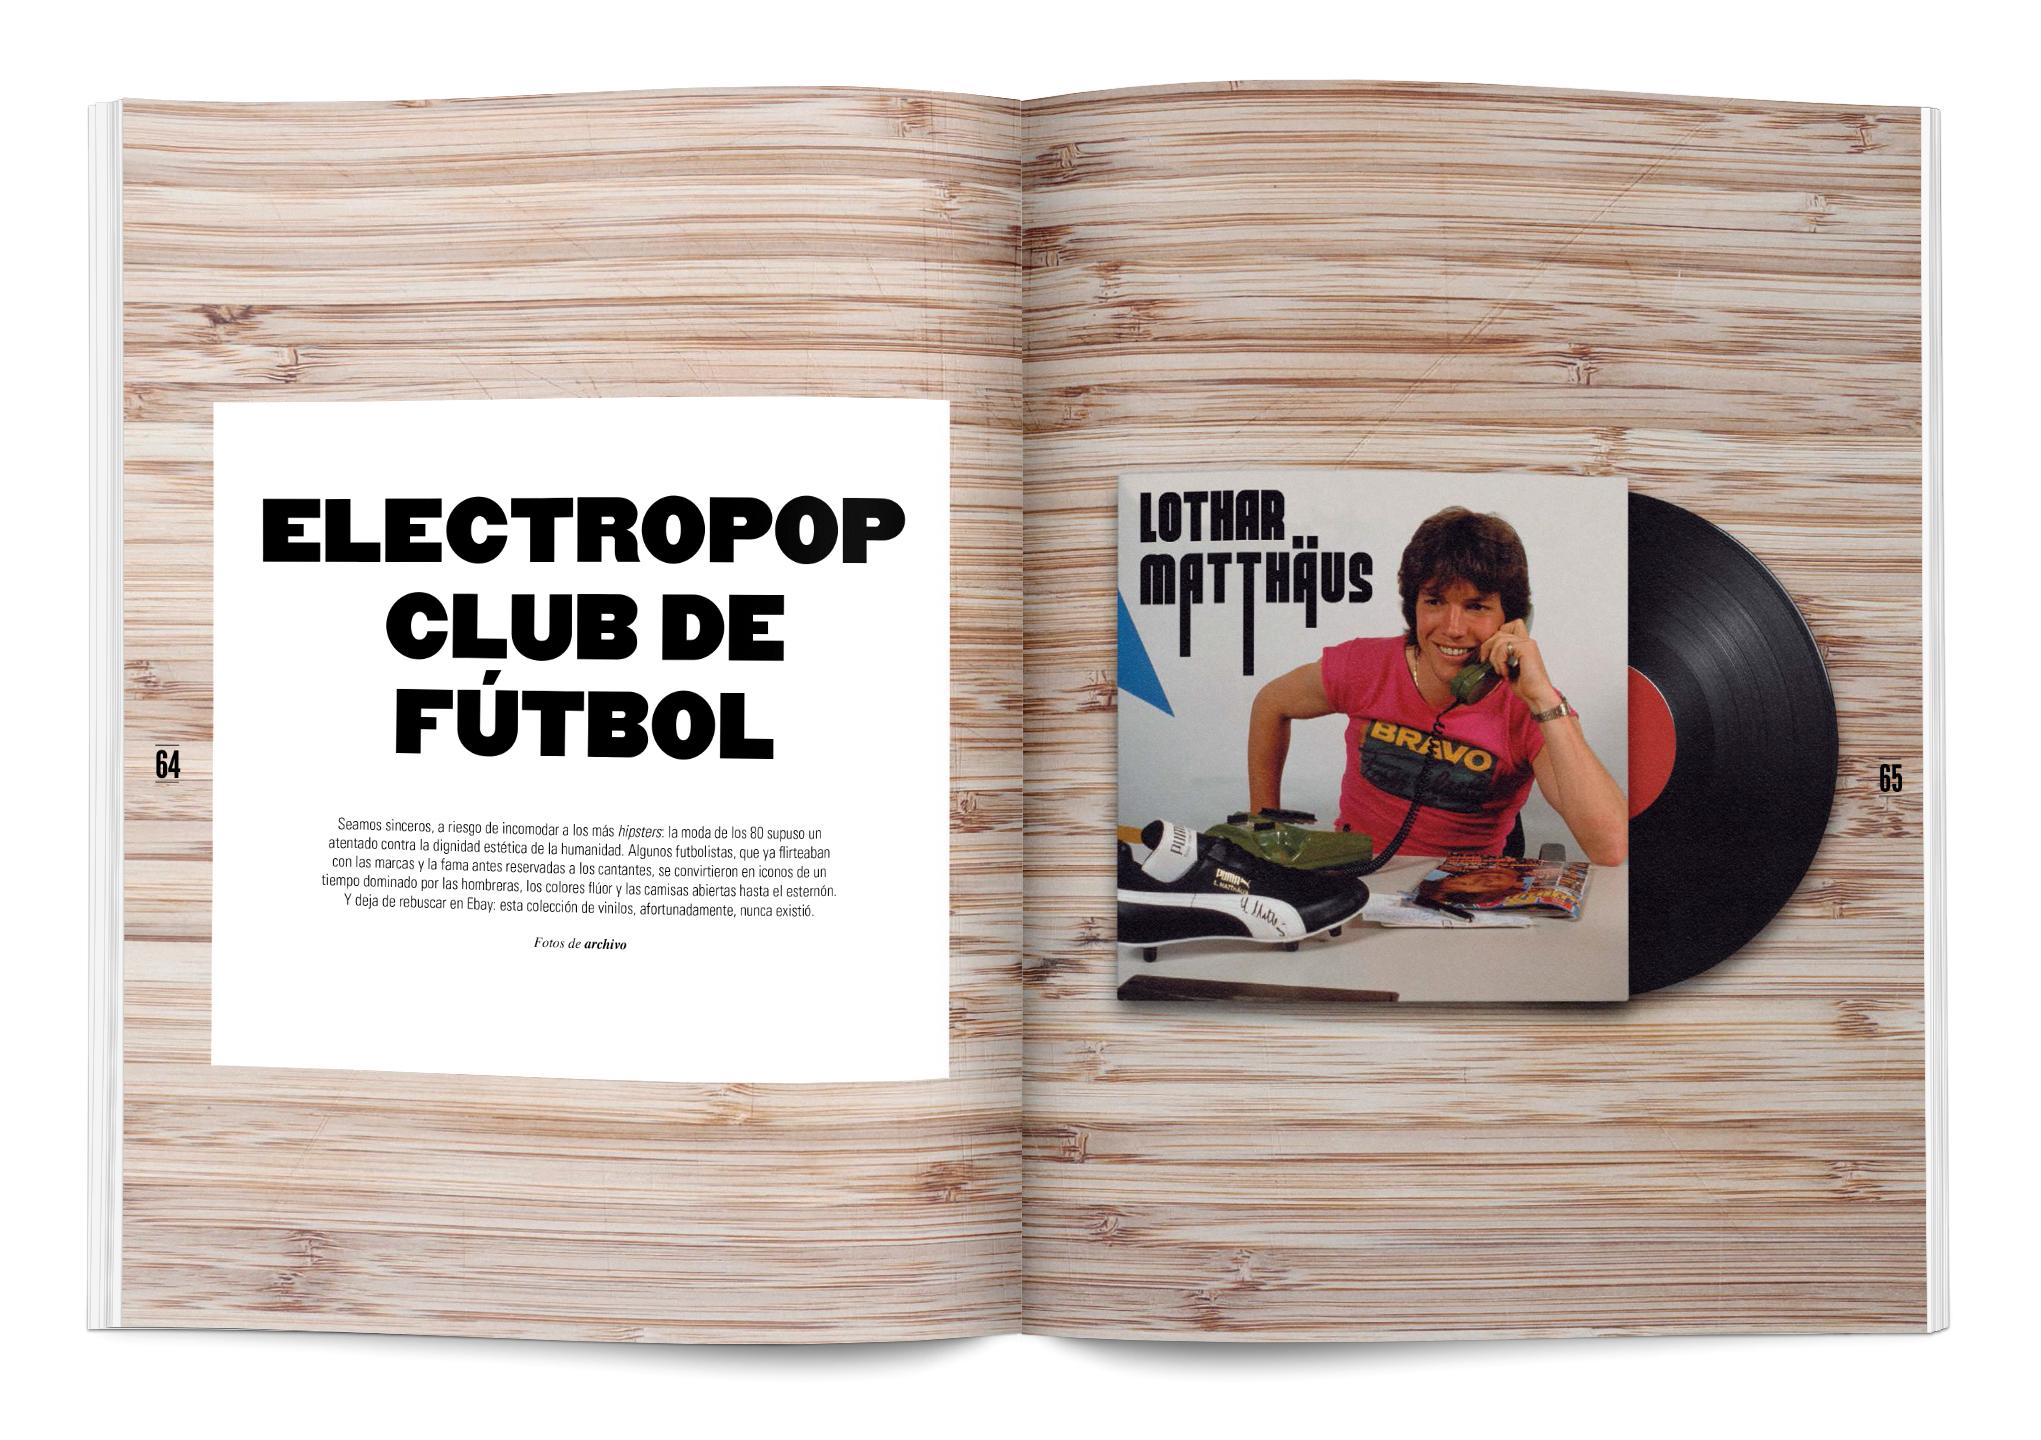 ELECTROPOP CLUB DE FÚTBOL